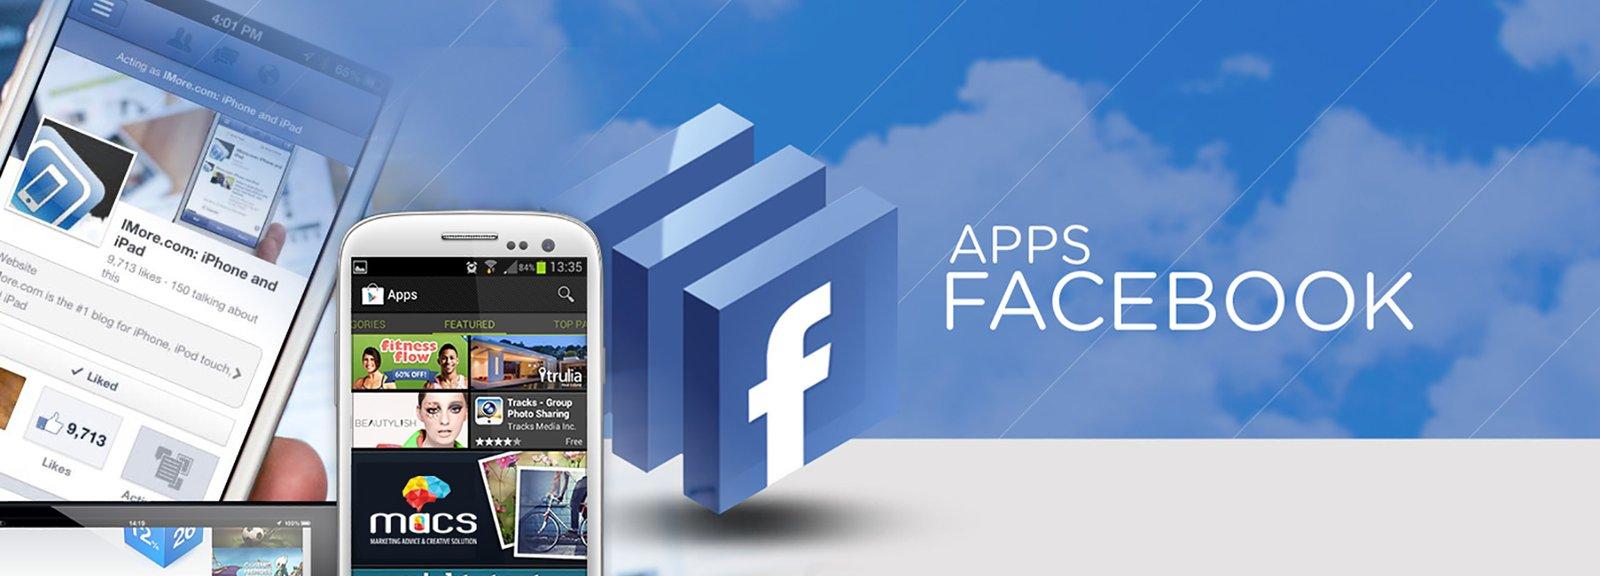 MACS Facebook apps